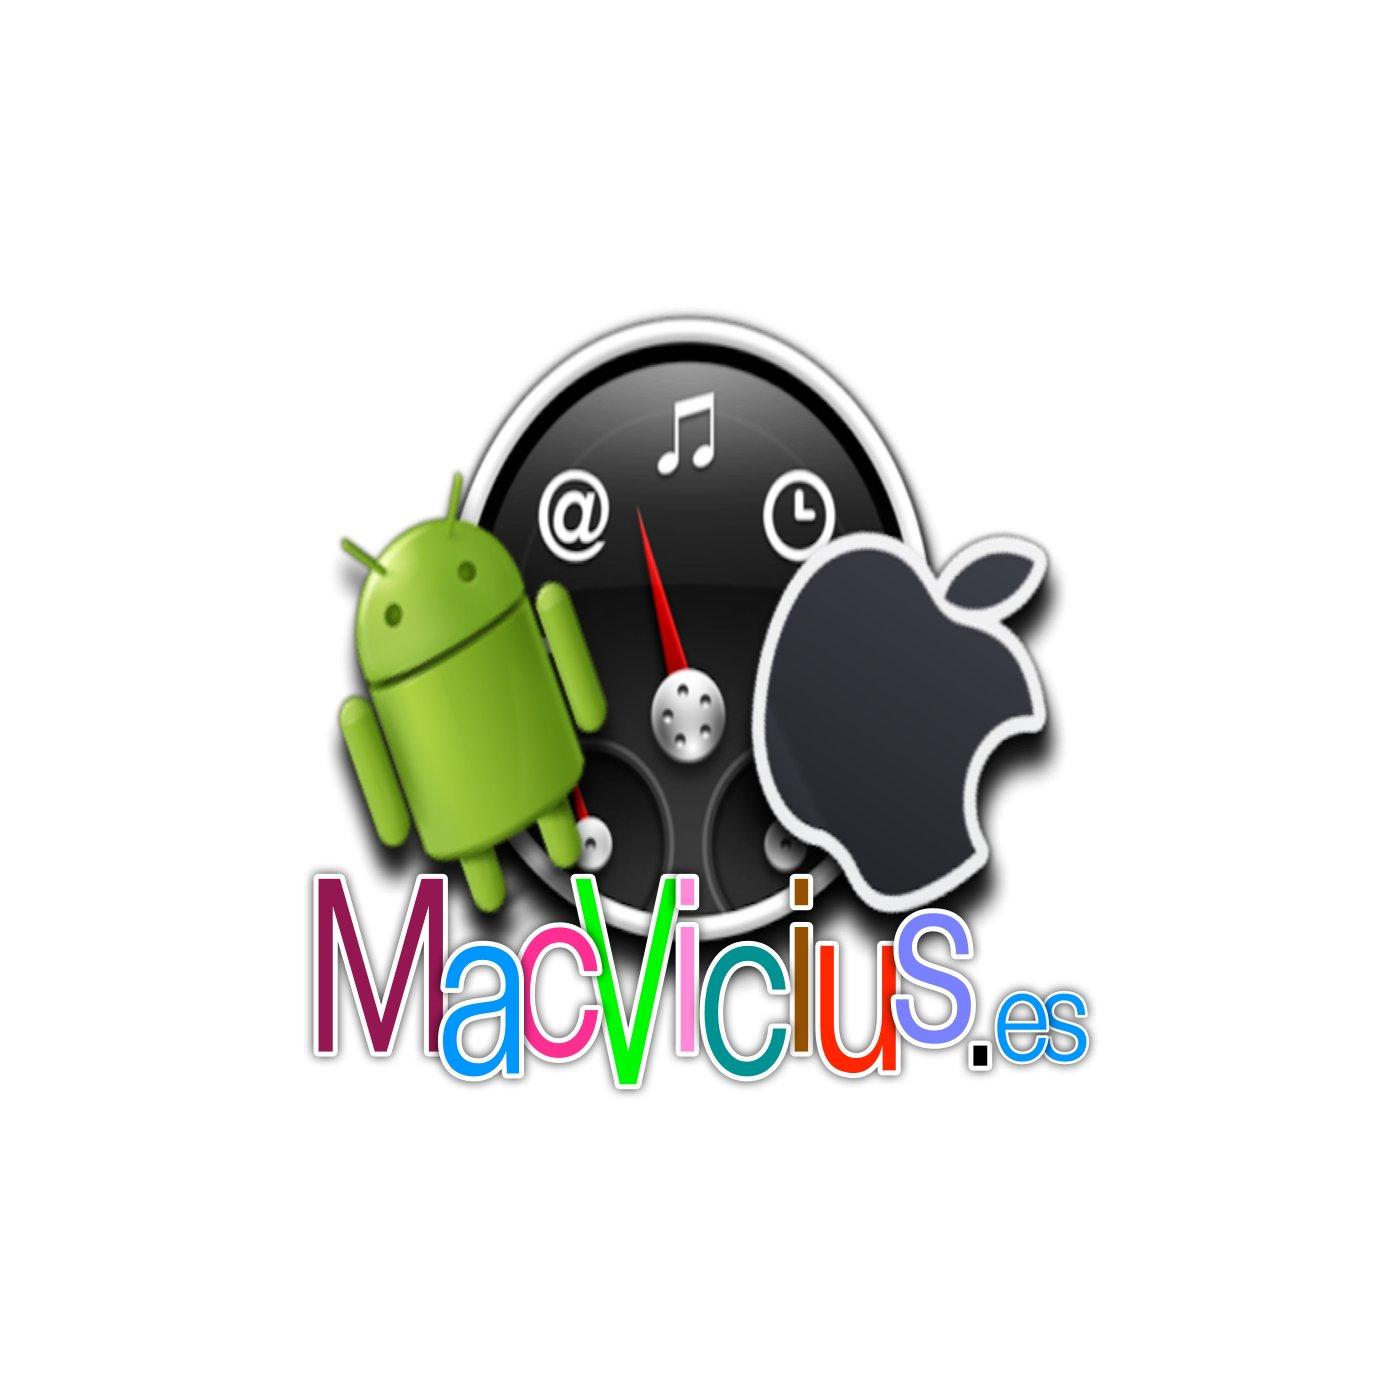 <![CDATA[Podcast MacVicius]]>